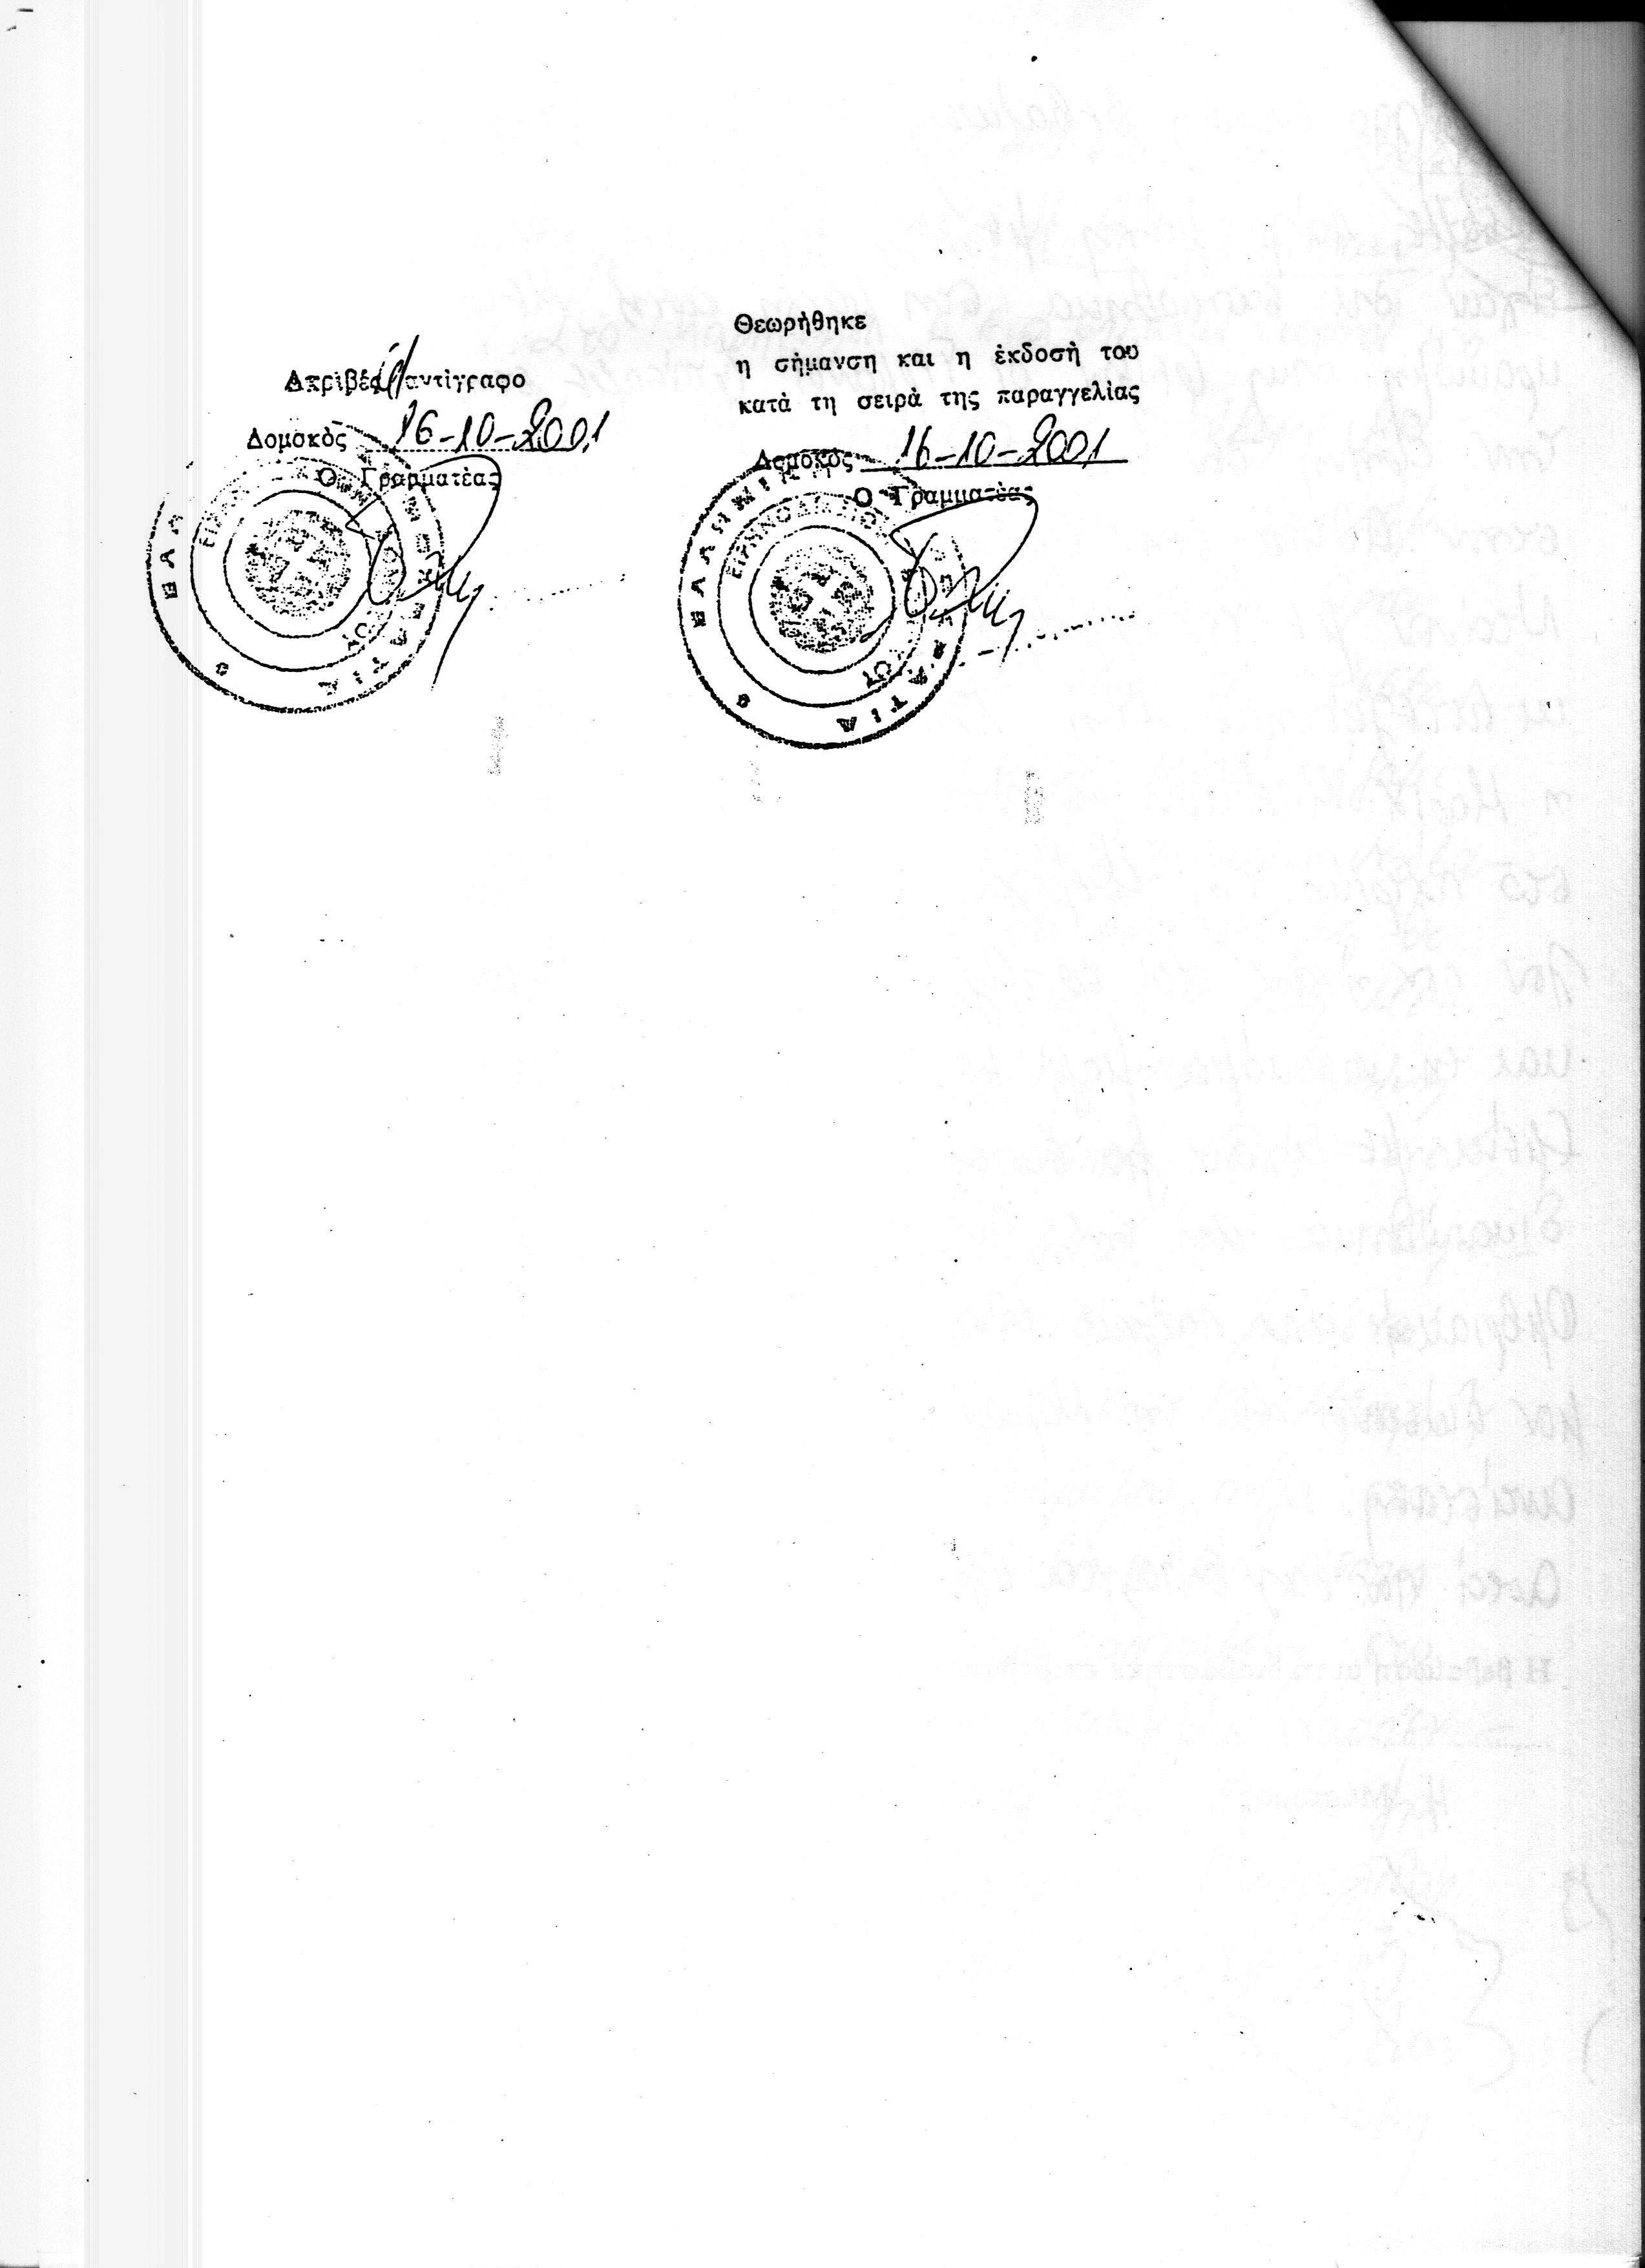 Ένορκη Βεβάιωση Ντίνας Στεφανή 63/2001 σελ 4